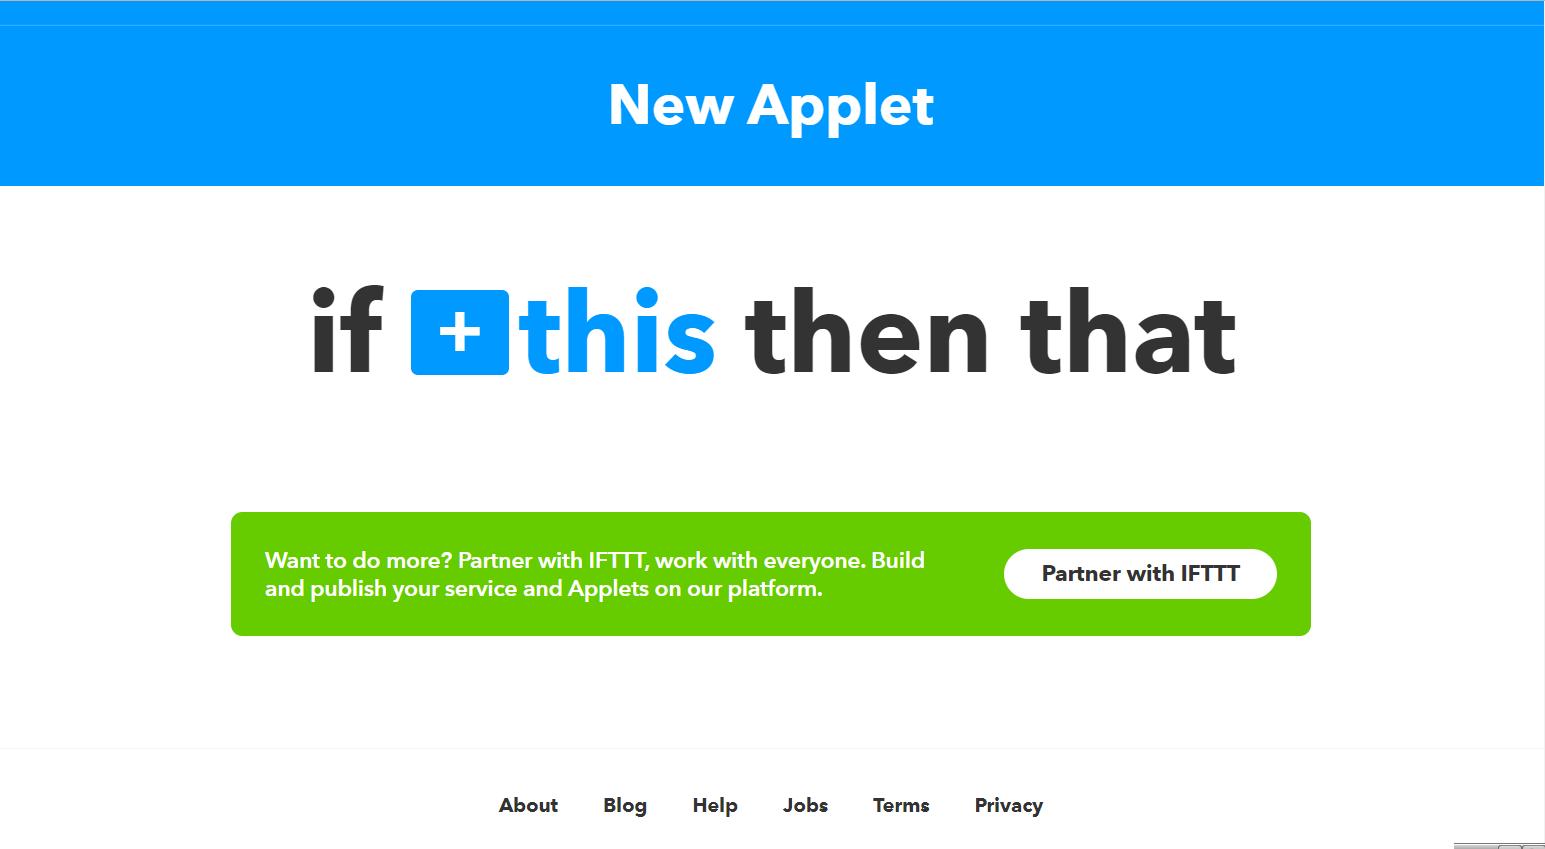 IFTTT_1.PNG